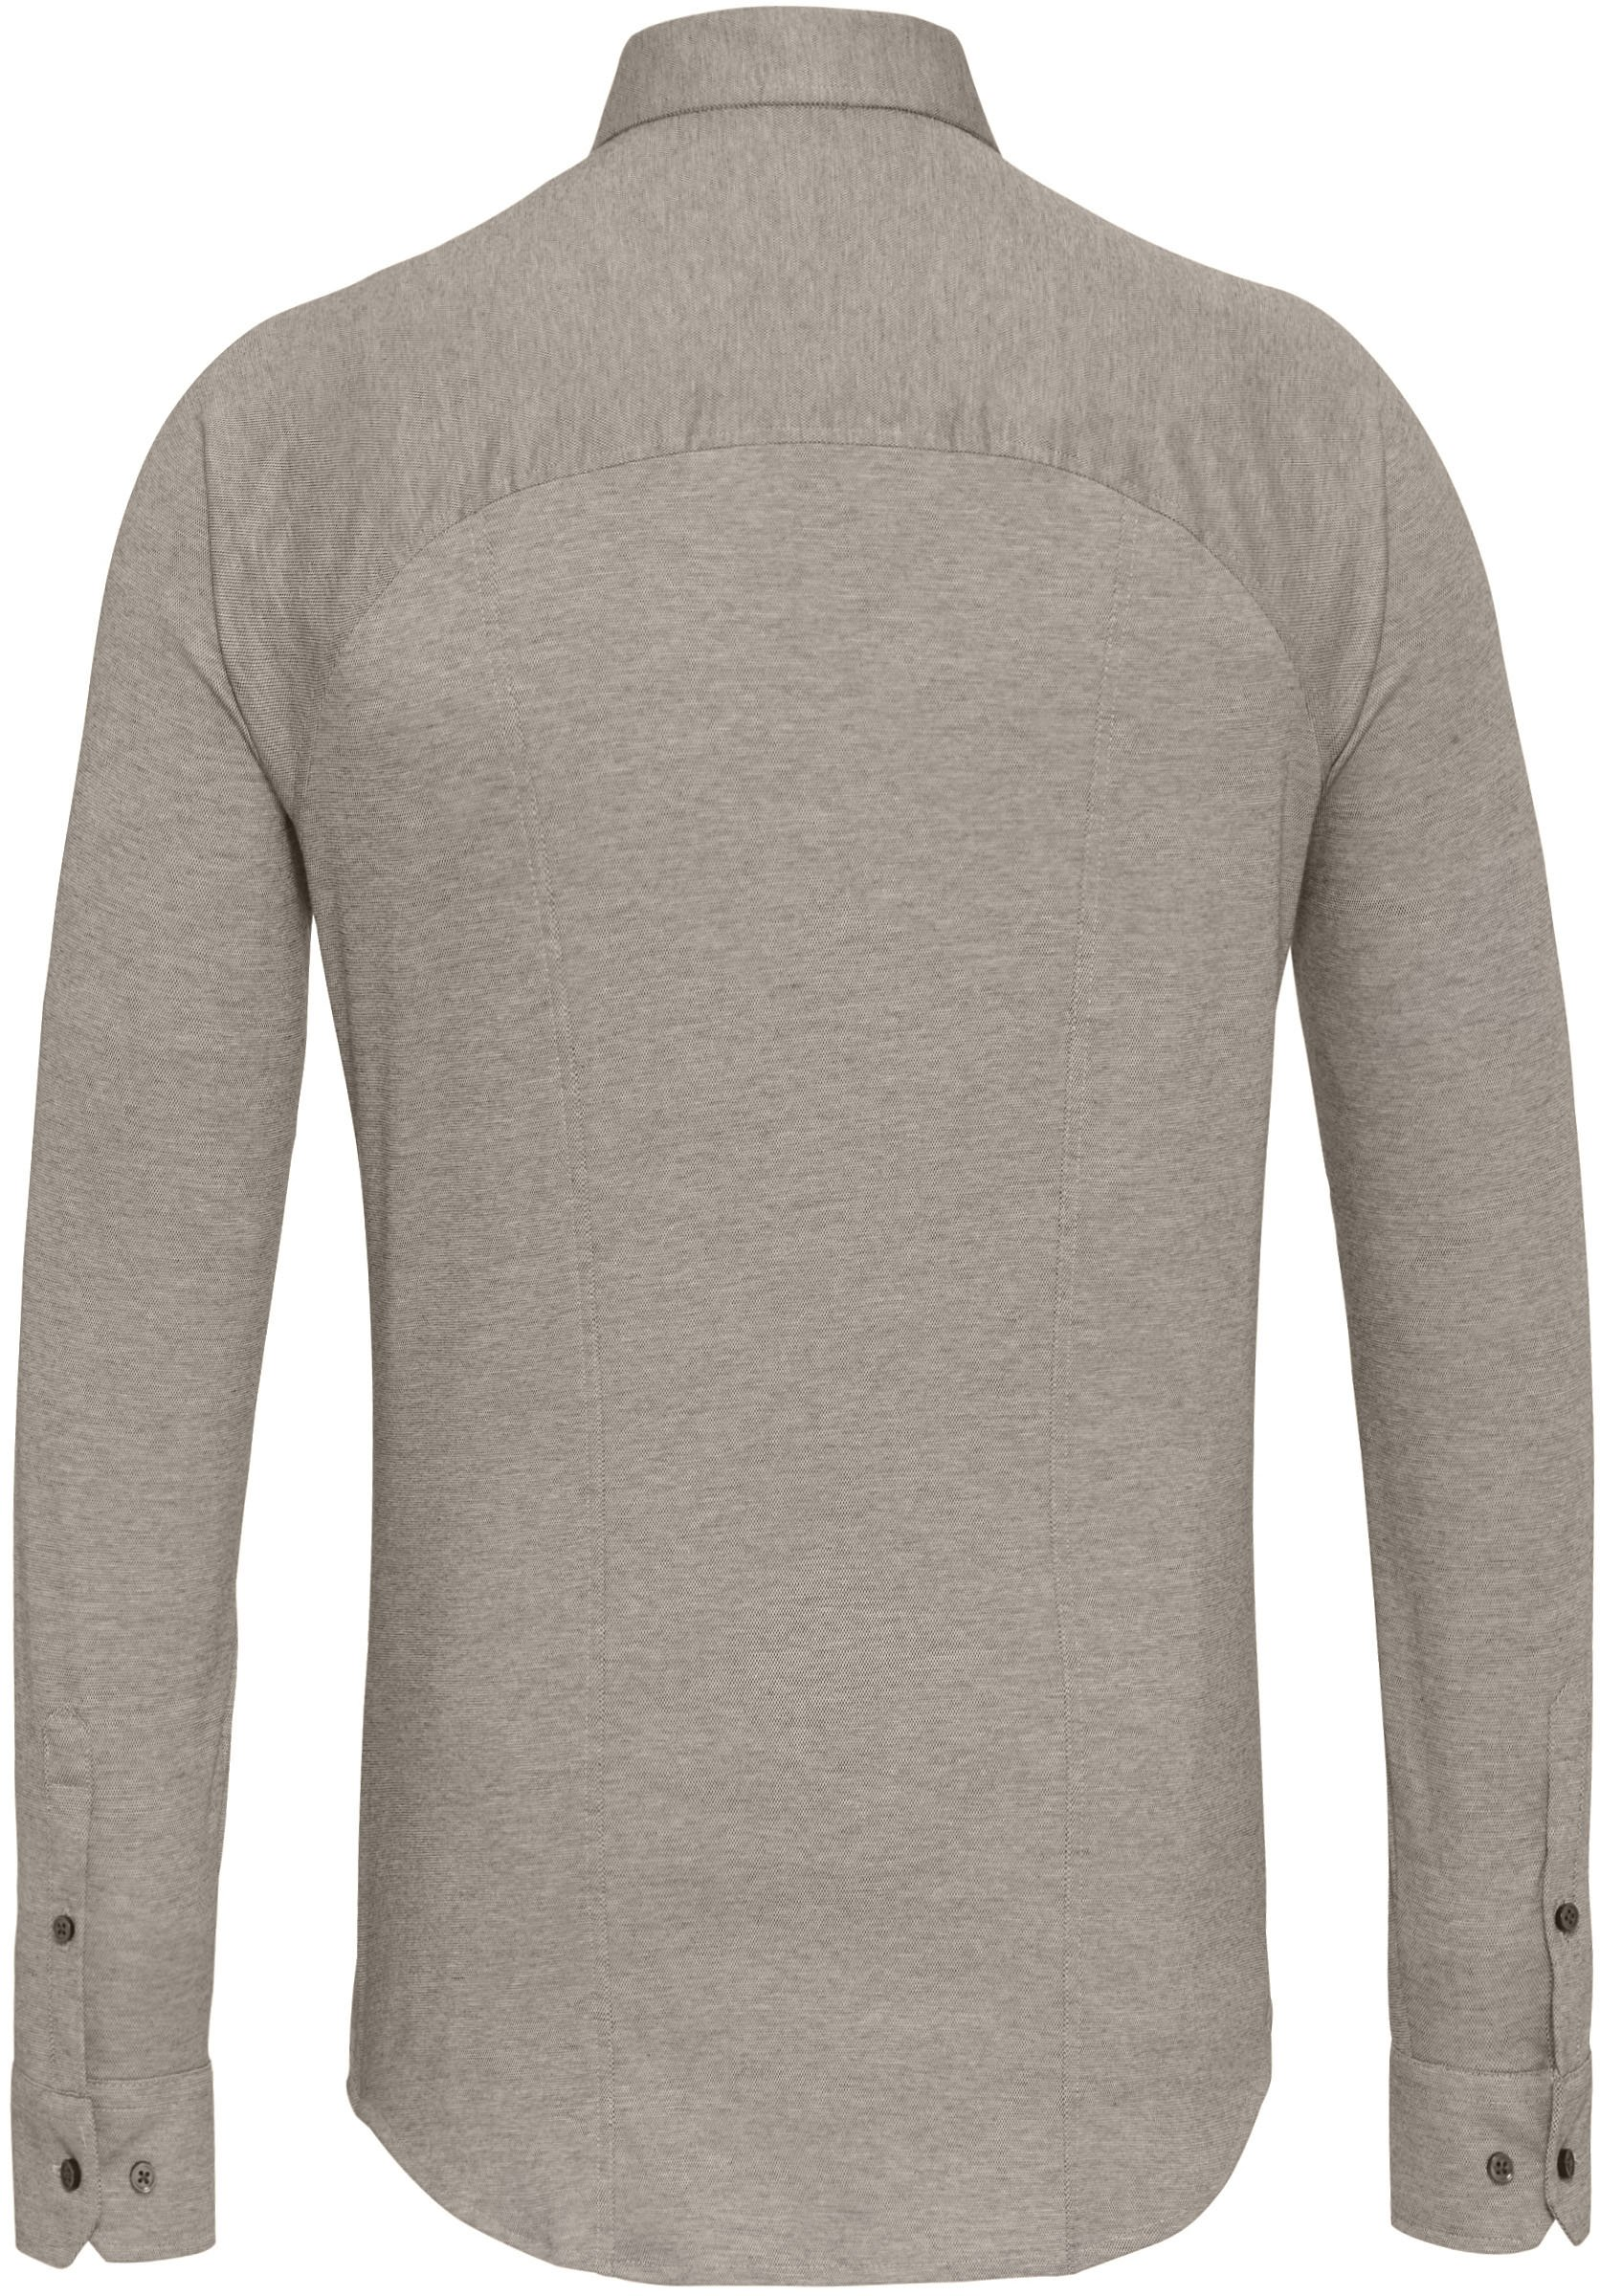 Desoto Overhemd Strijkvrij Beige 850